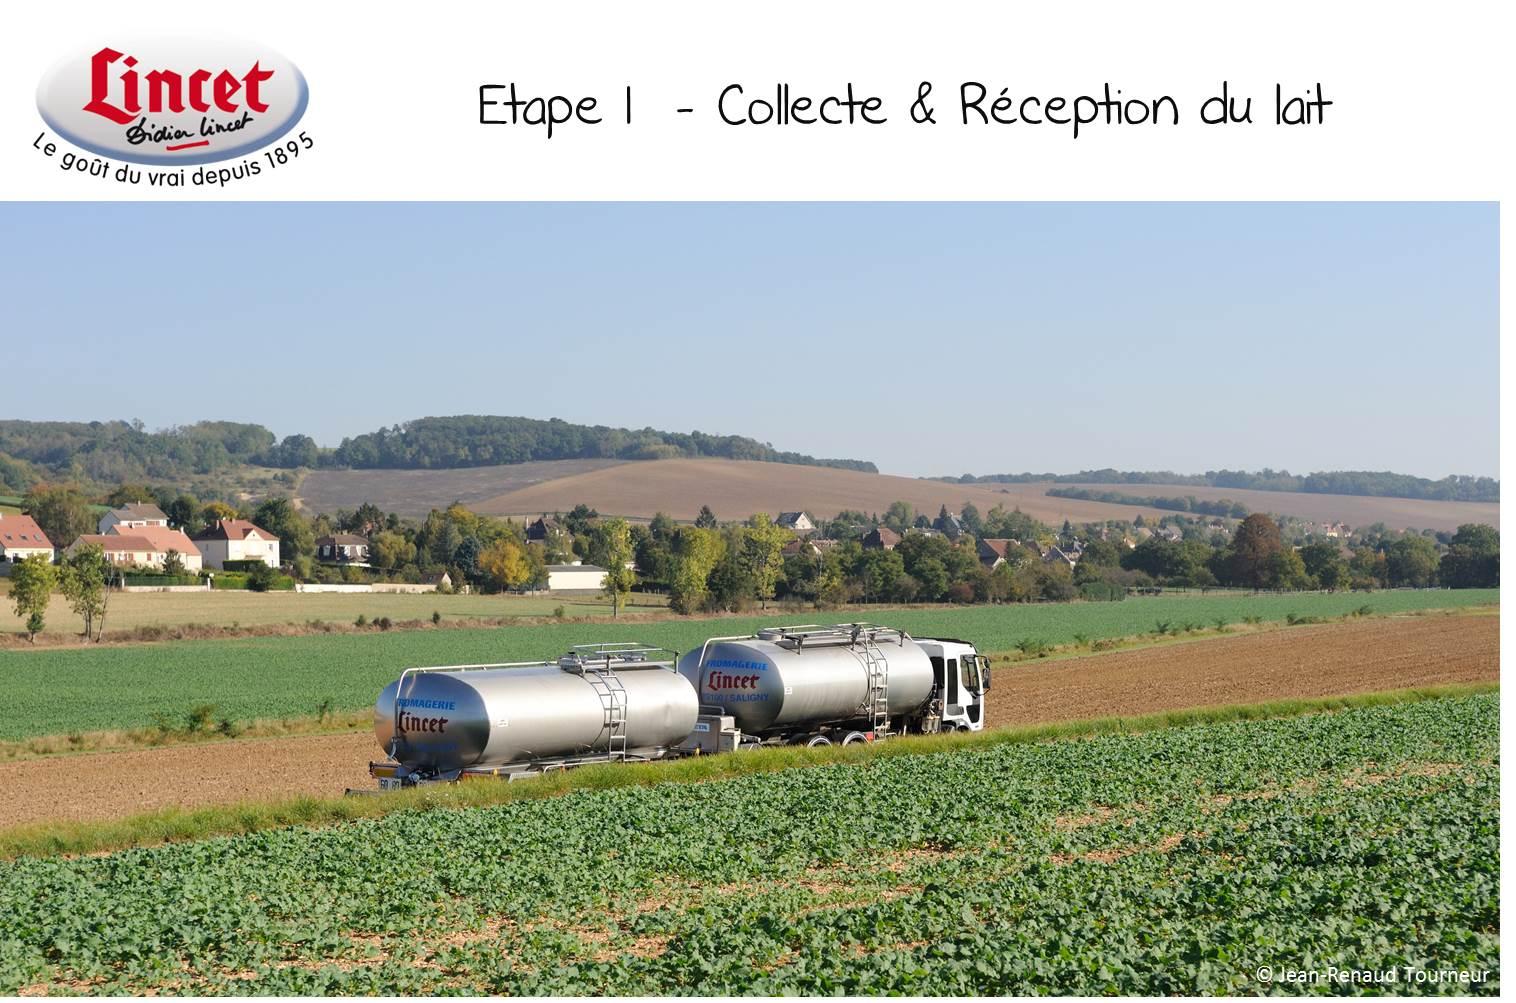 ETAPE 1 Collecte et reception du lait